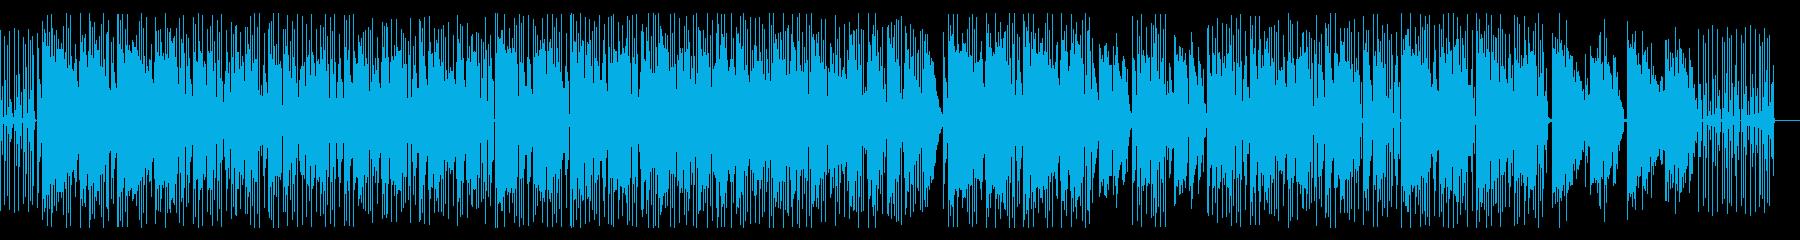 都会的でクール・メロウなソウル~ファンクの再生済みの波形